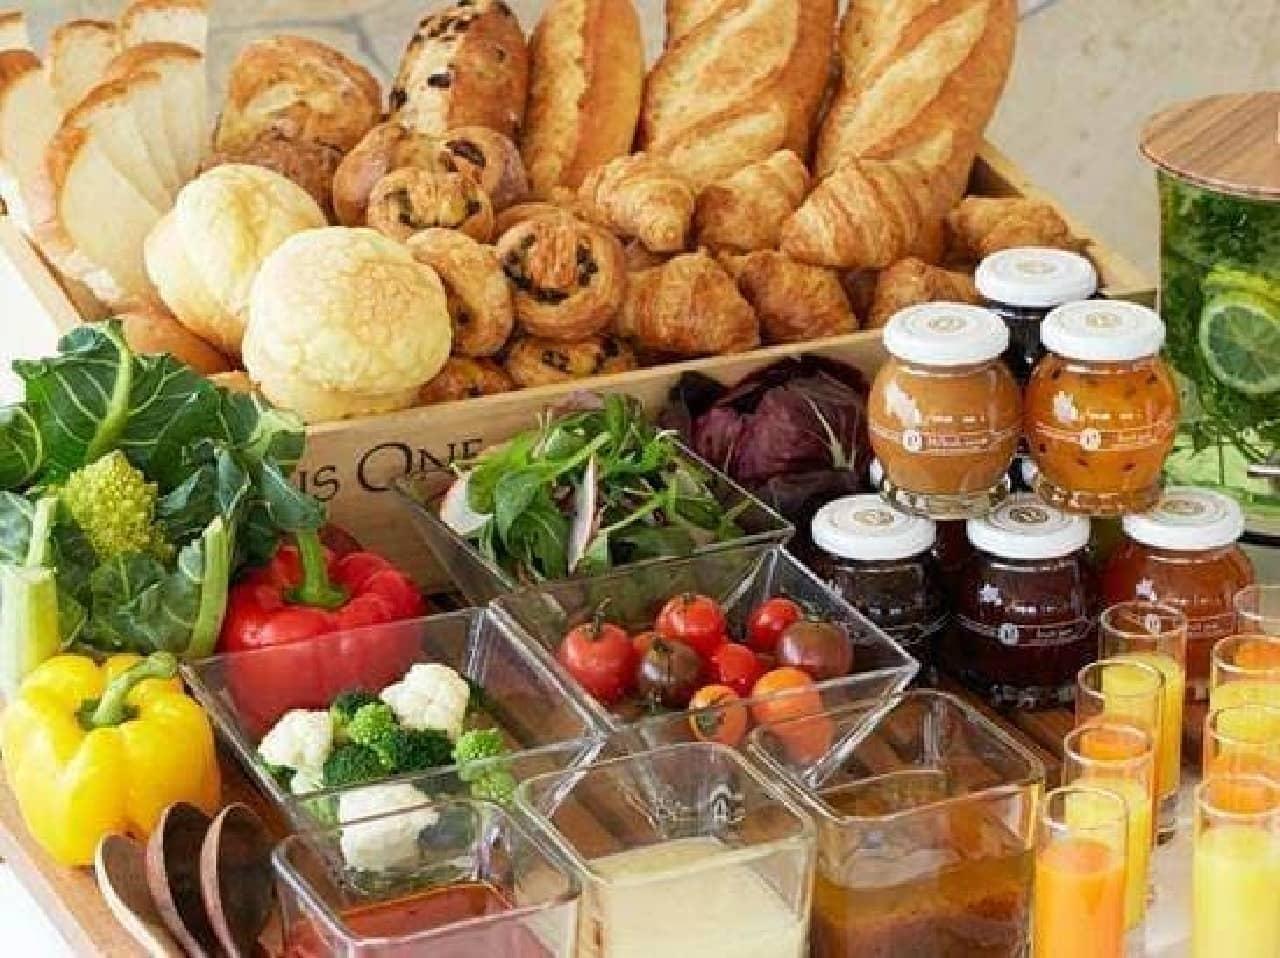 豪華な朝食は旅の楽しみの1つ  ※画像は1位「ホテルピエナ神戸」の朝食例